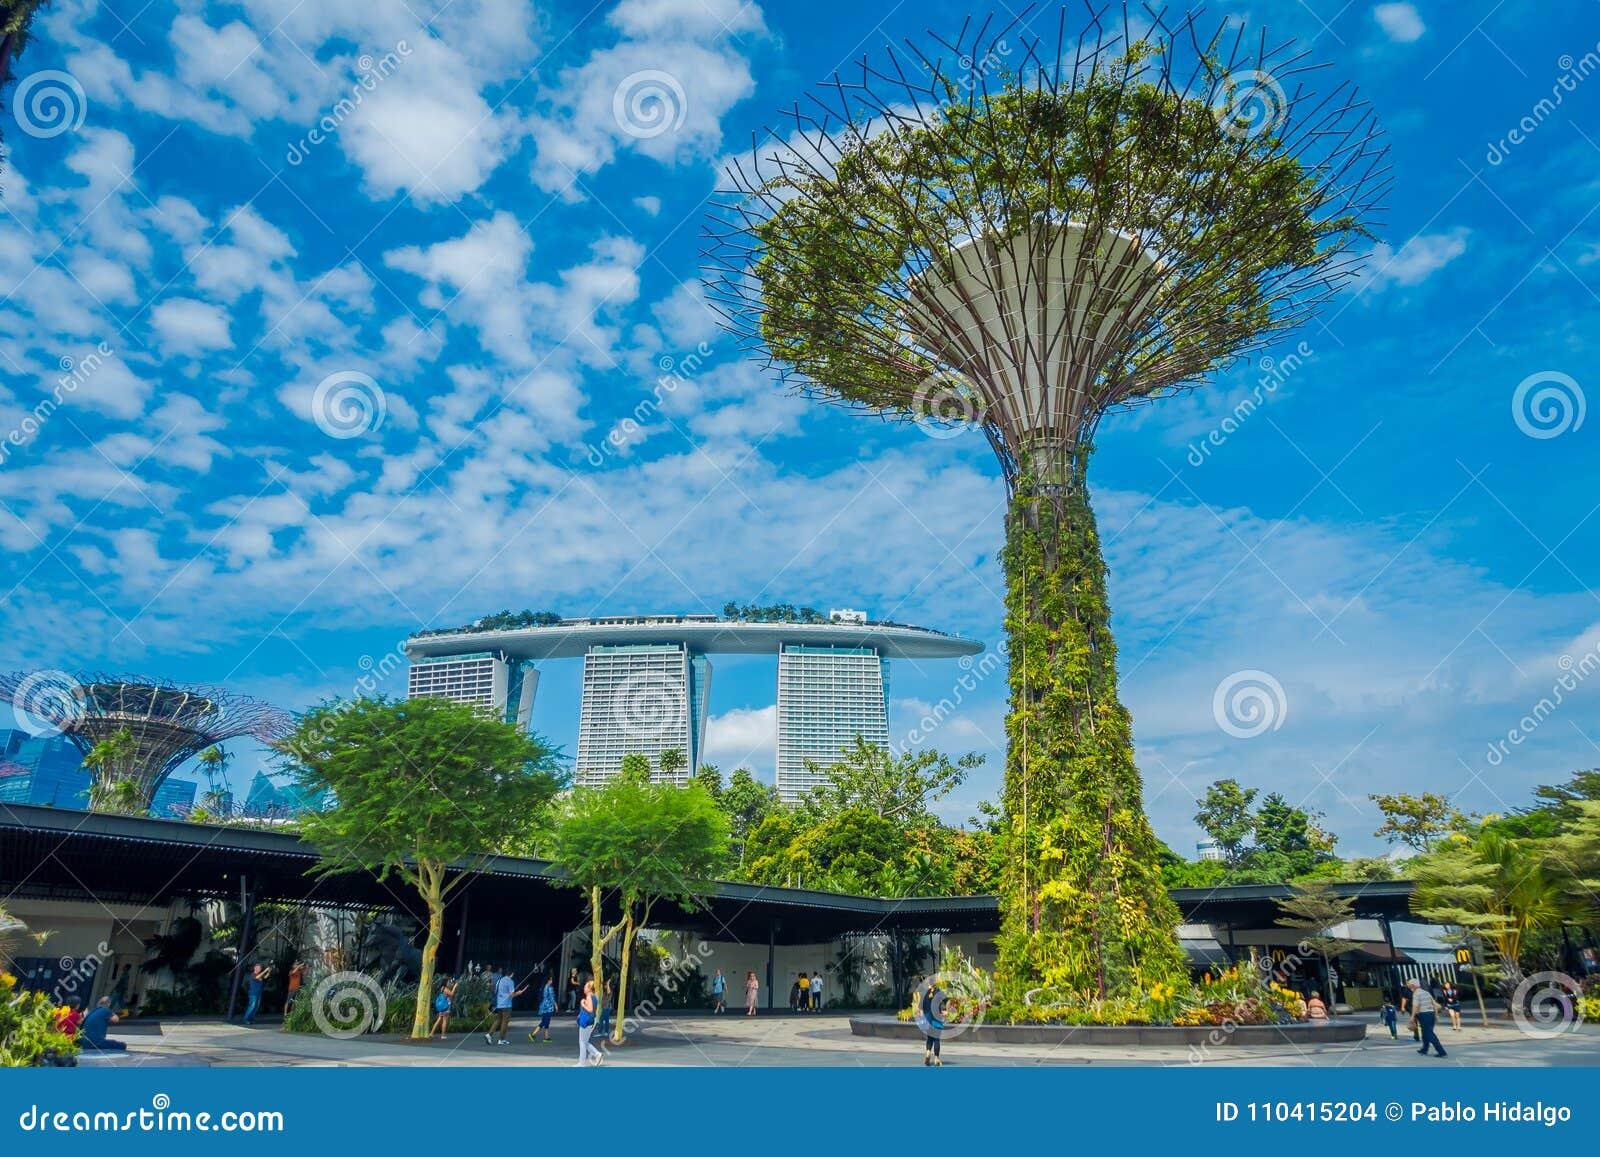 SINGAPORE, SINGAPORE - JANUARI 30, 2018: Niet geïdentificeerde mensen die onder een supertree met een Marina Bay-erachter gebouw